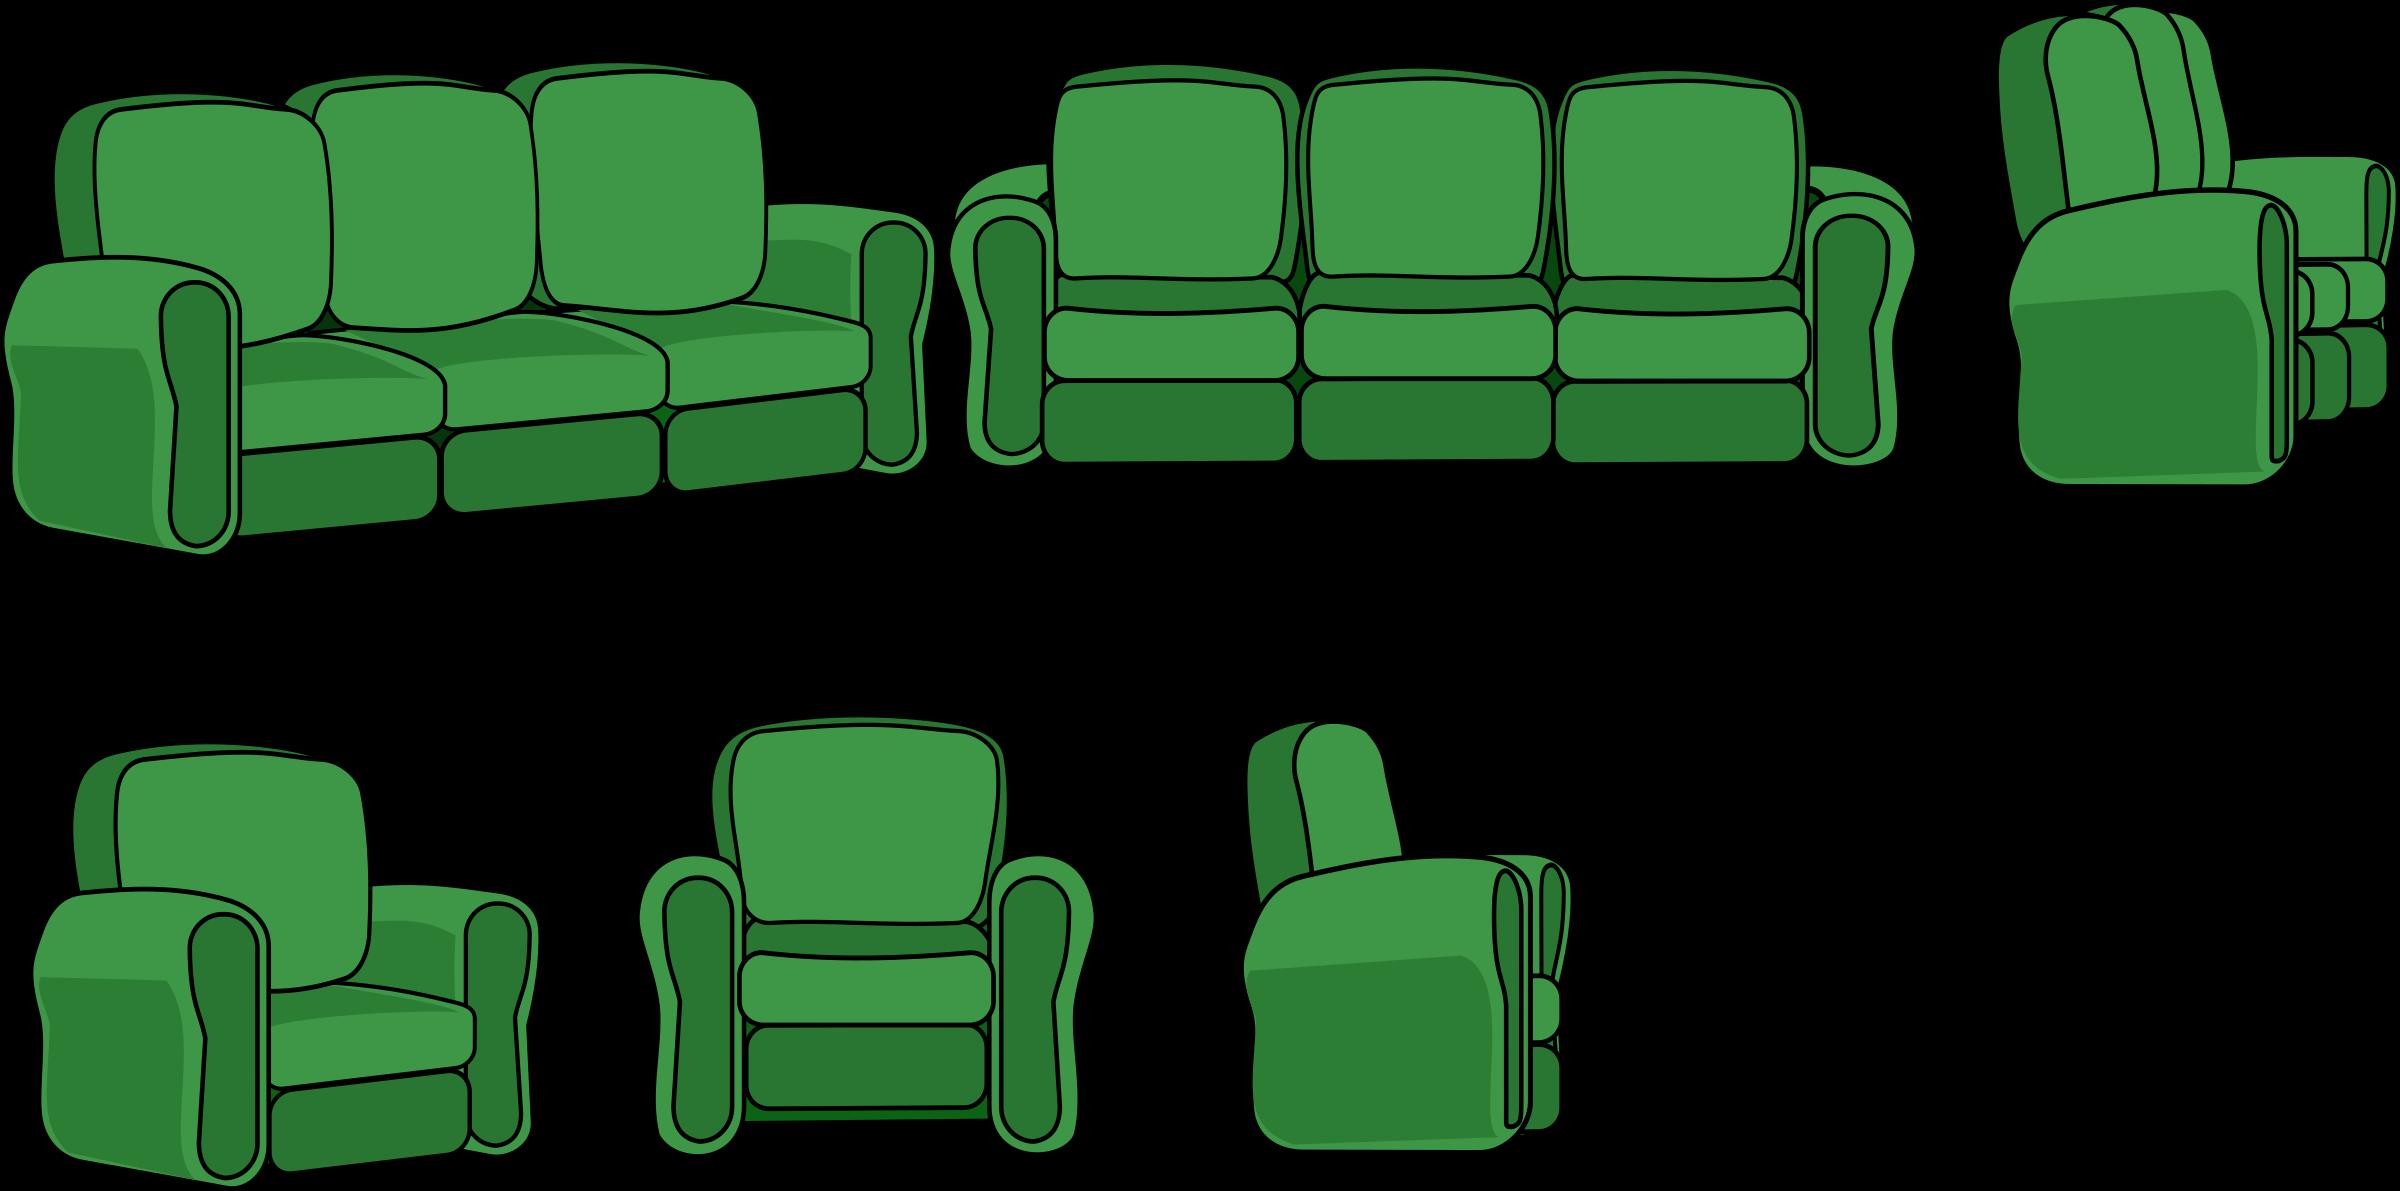 Clipart chair 3 chair. Sofa and views big